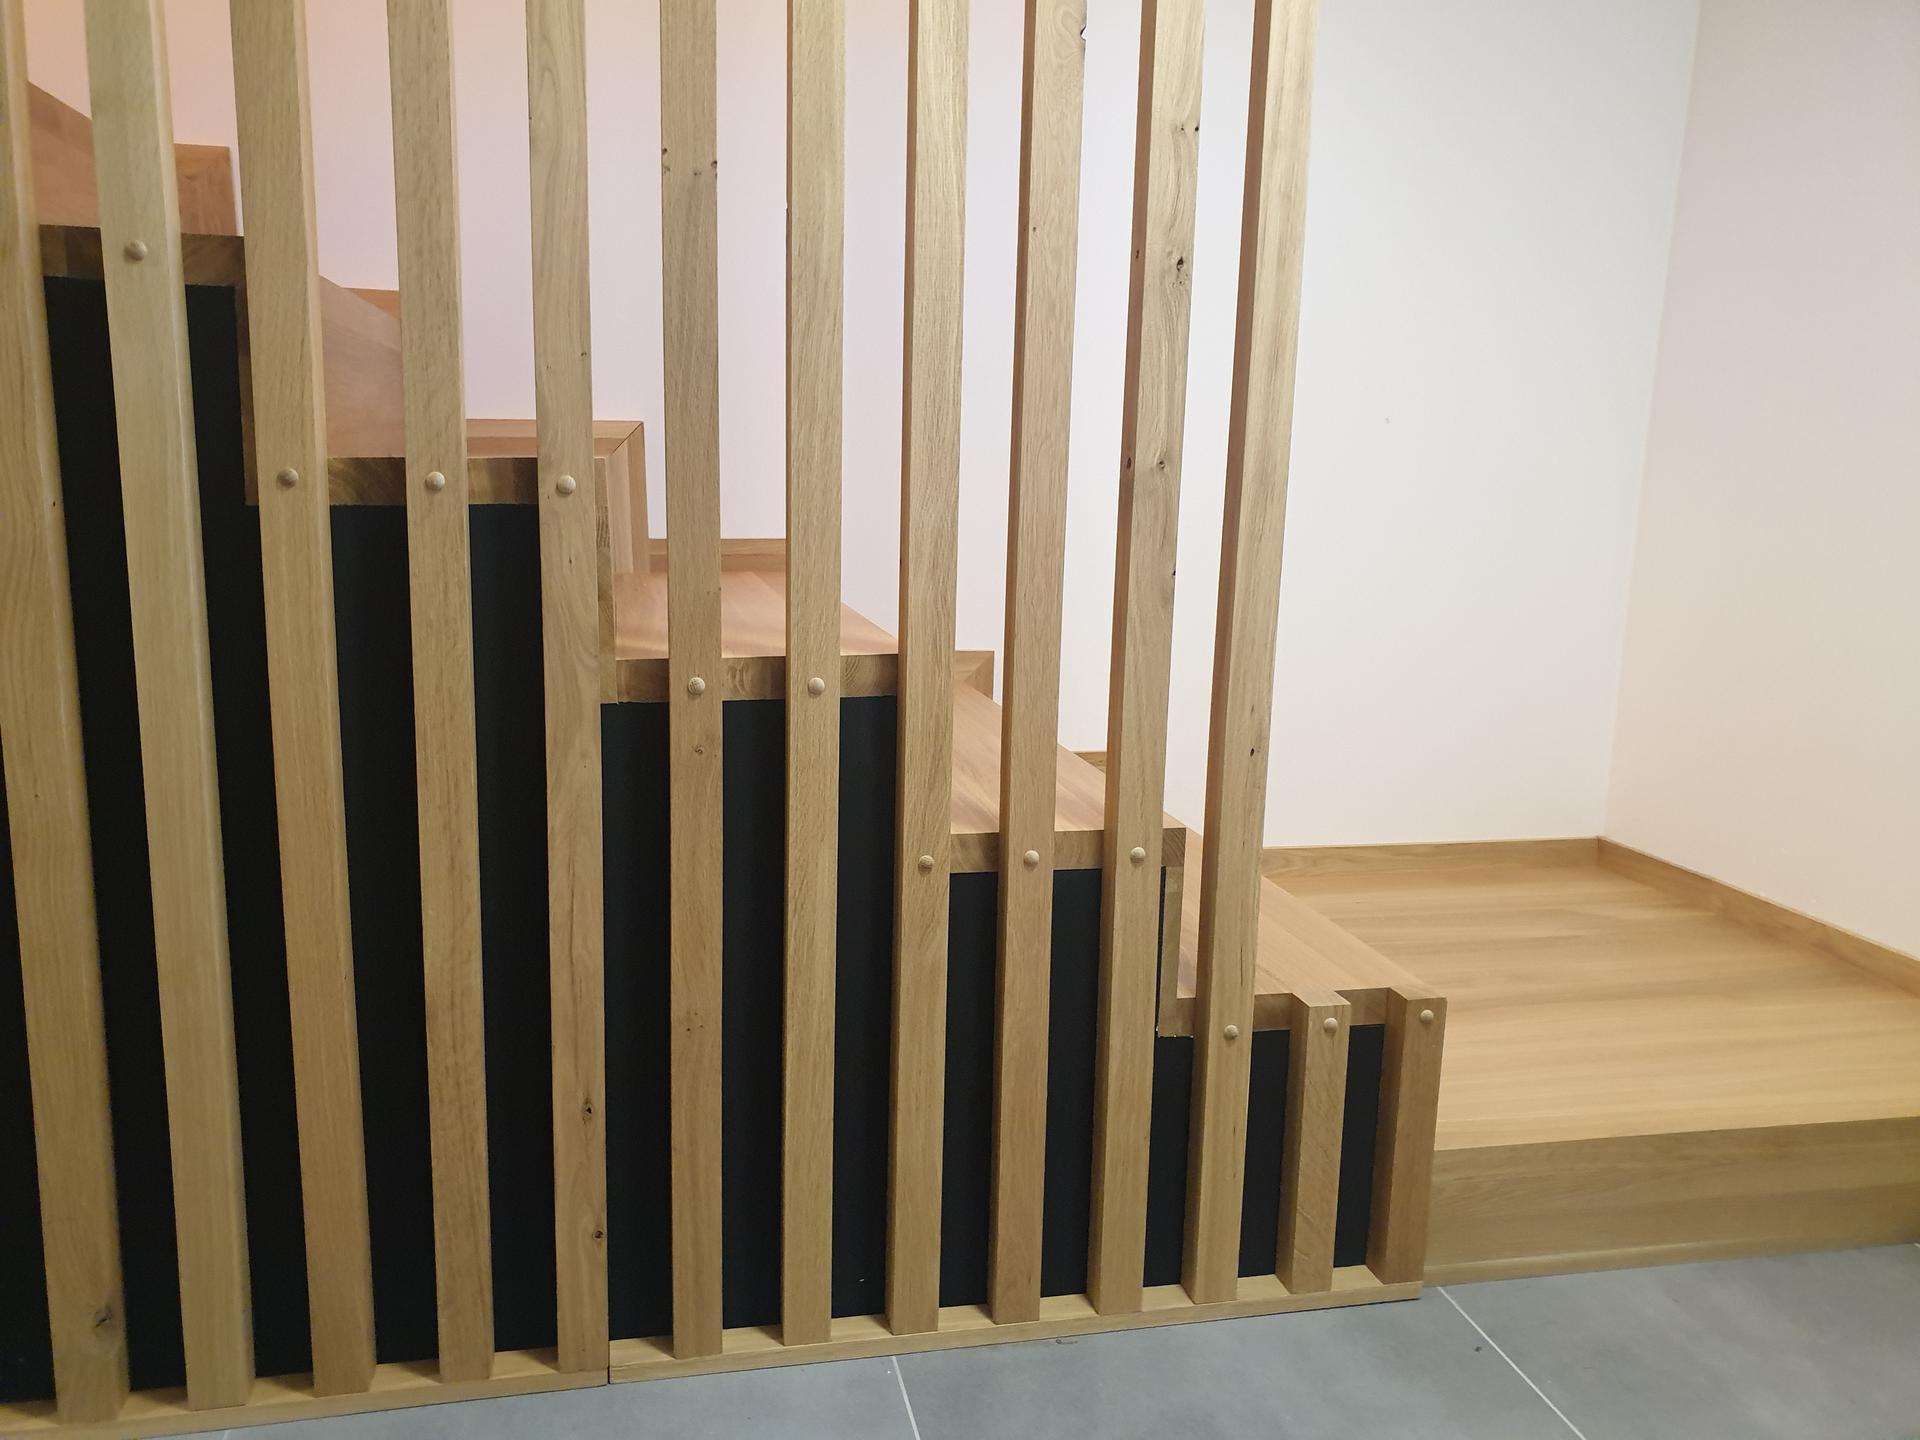 Moderné schodisko - DUB + lamely - Obrázok č. 12